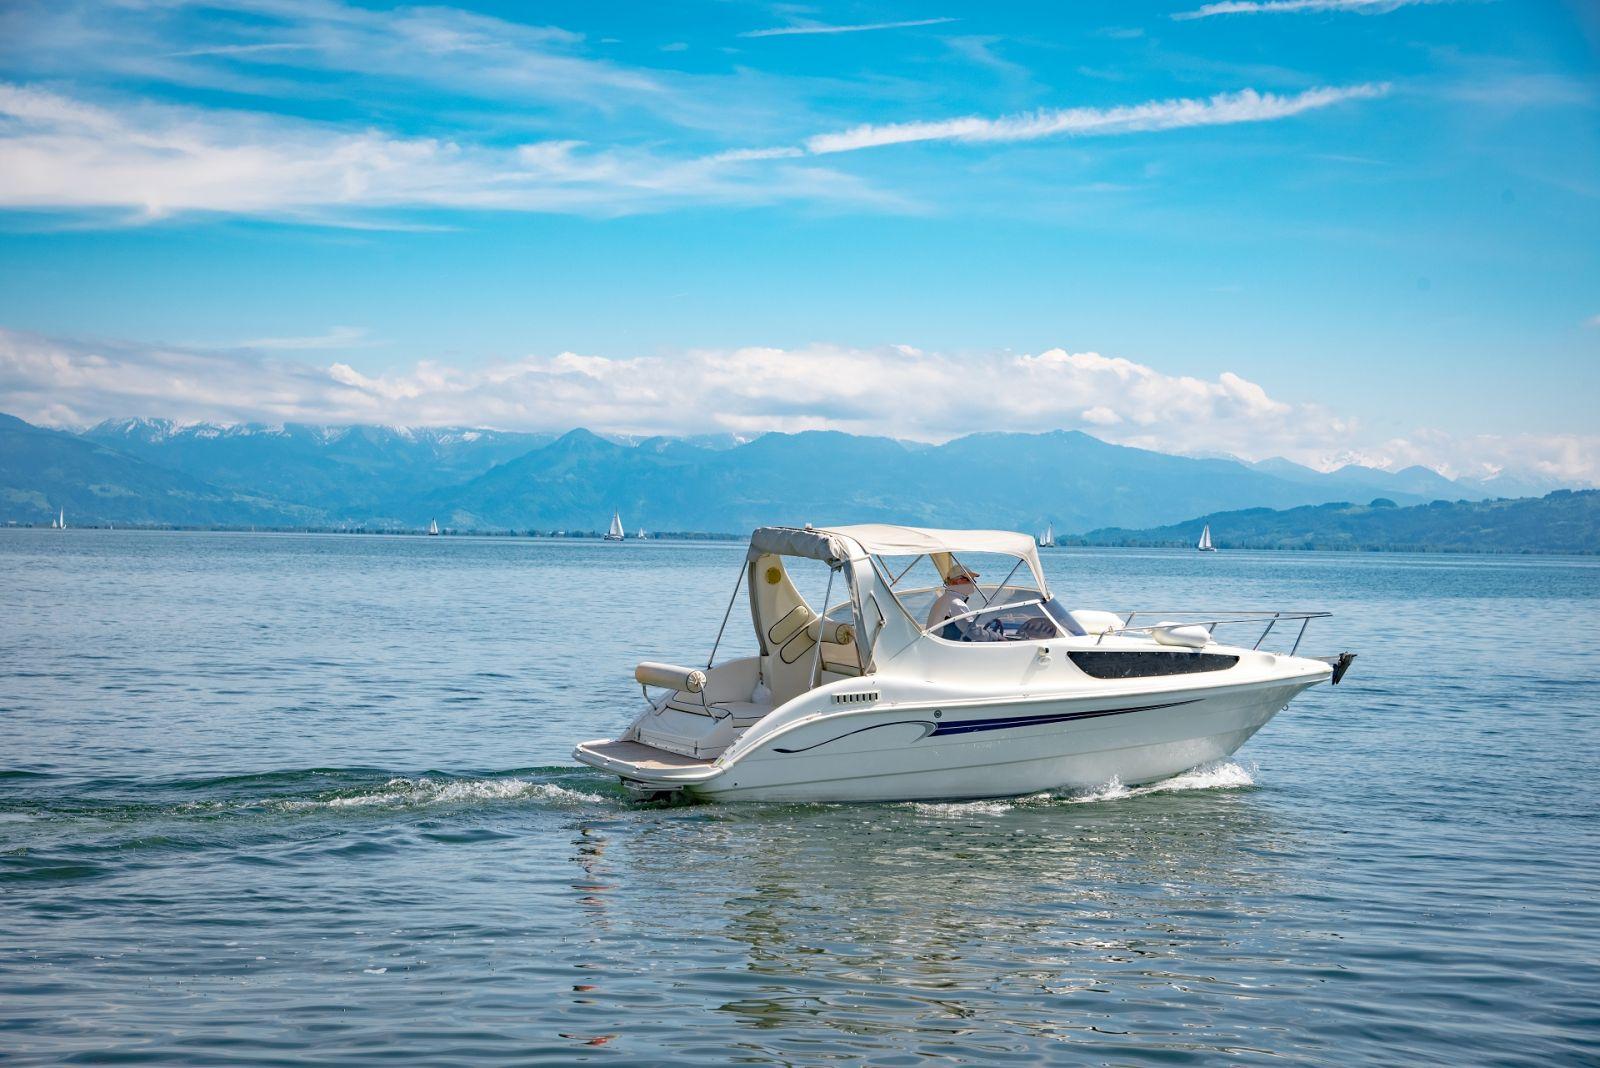 In kleinen Kajütbooten finden Einzelpersonen oder ein Paar Platz. Der Aufenthaltsraum wird abends zur Kajüte. ©Countrypixel/AdobeStock